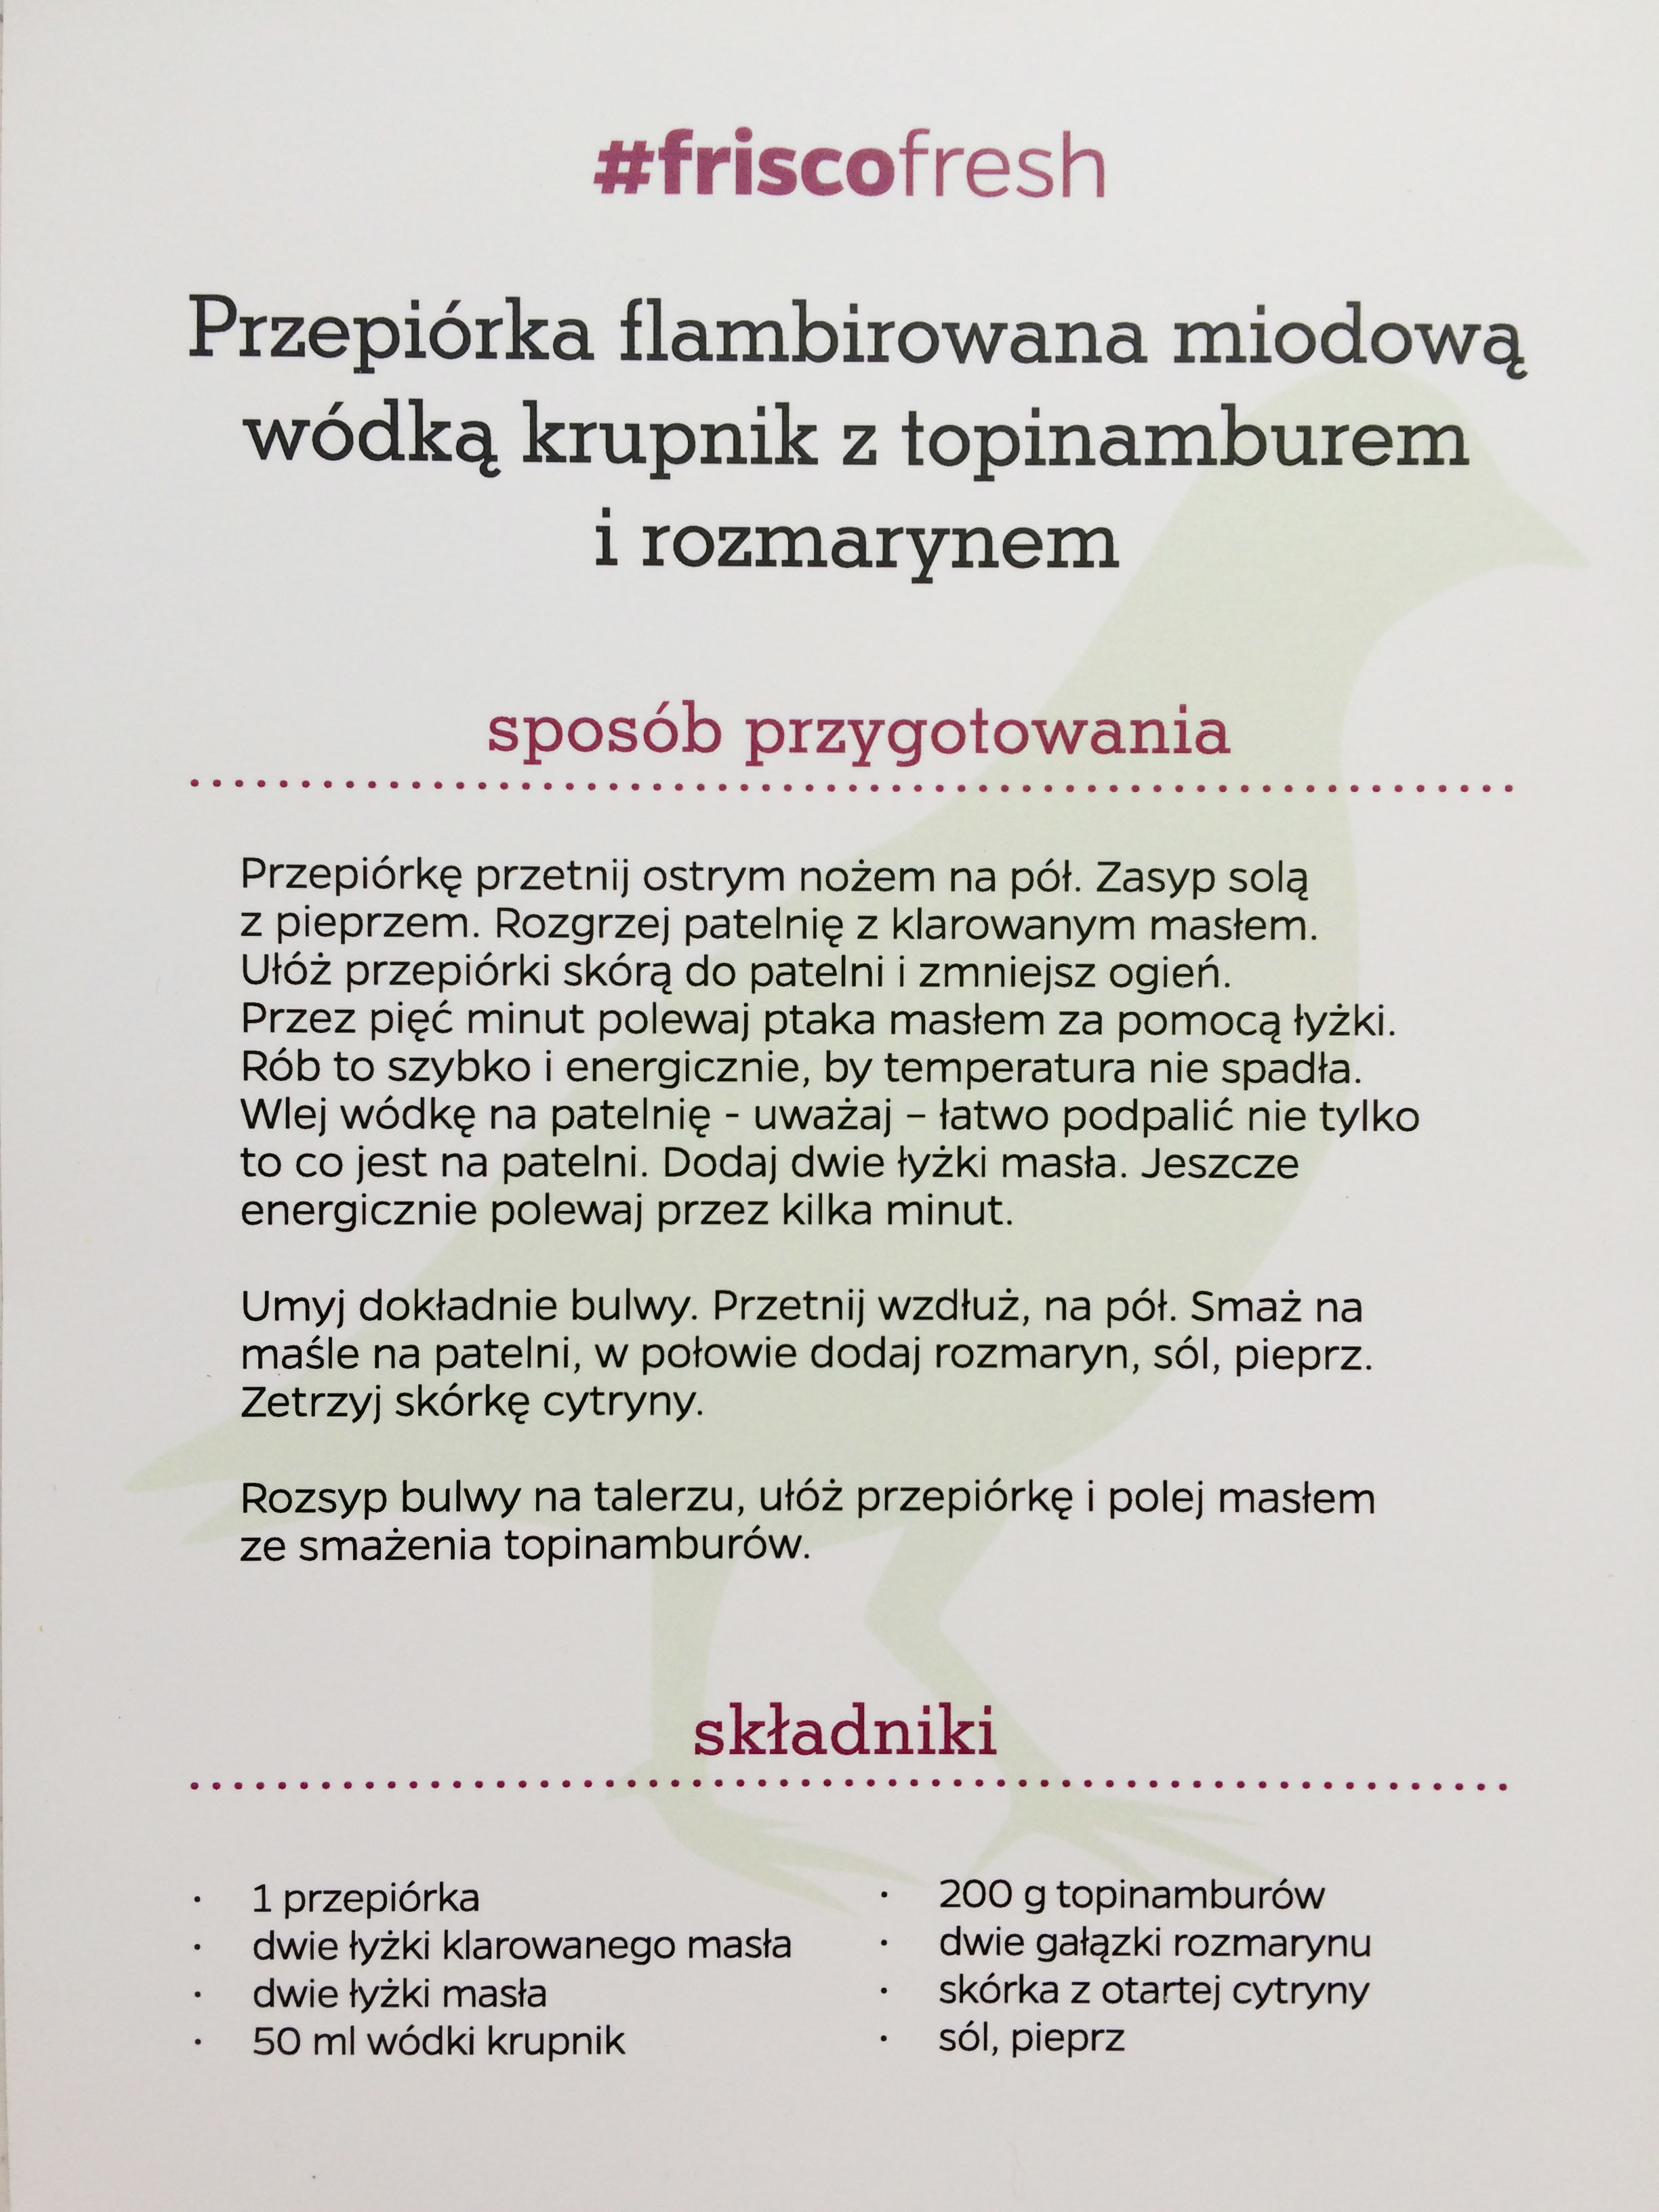 Frisco Fresh! Przepiórka - Aleksander Baron